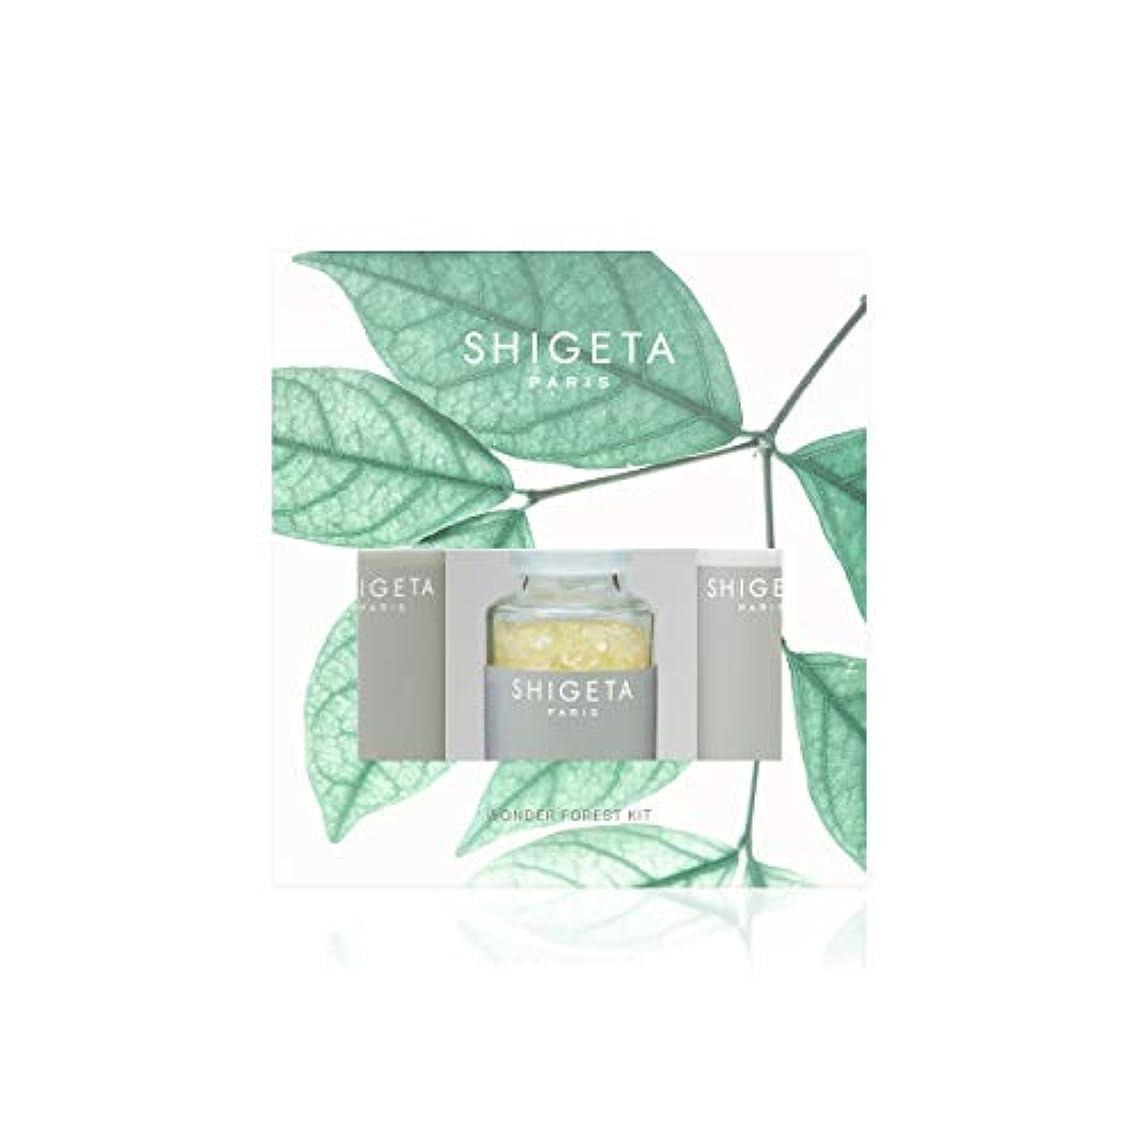 噴水マラウイ寝るSHIGETA(シゲタ) Wonder Forest Kit ボディクリーム ヒノキ セット 50ml×2 + 50g